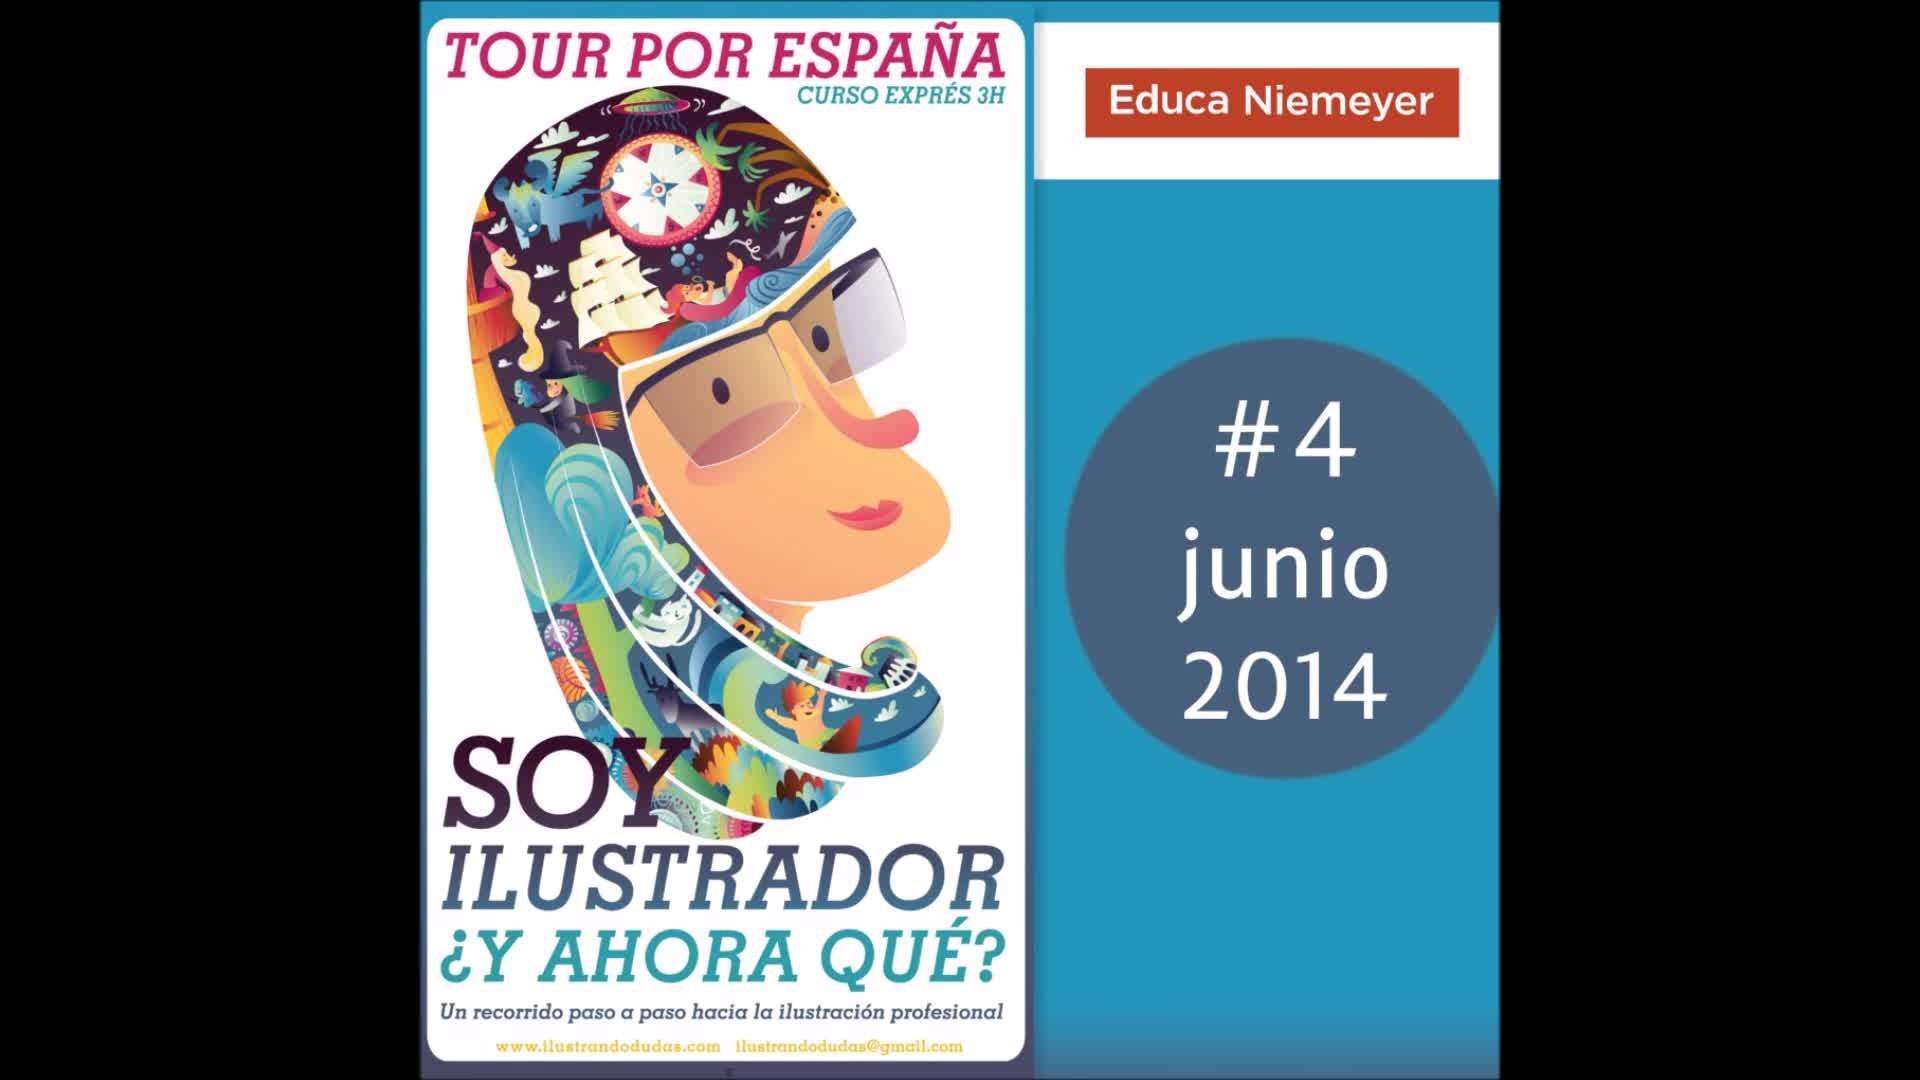 Calendario Carnavales 2019 Tenerife Más Recientemente Liberado E Explore Es Video 41 Of Calendario Carnavales 2019 Tenerife Más Arriba-a-fecha Calaméo Diario De Noticias De lava